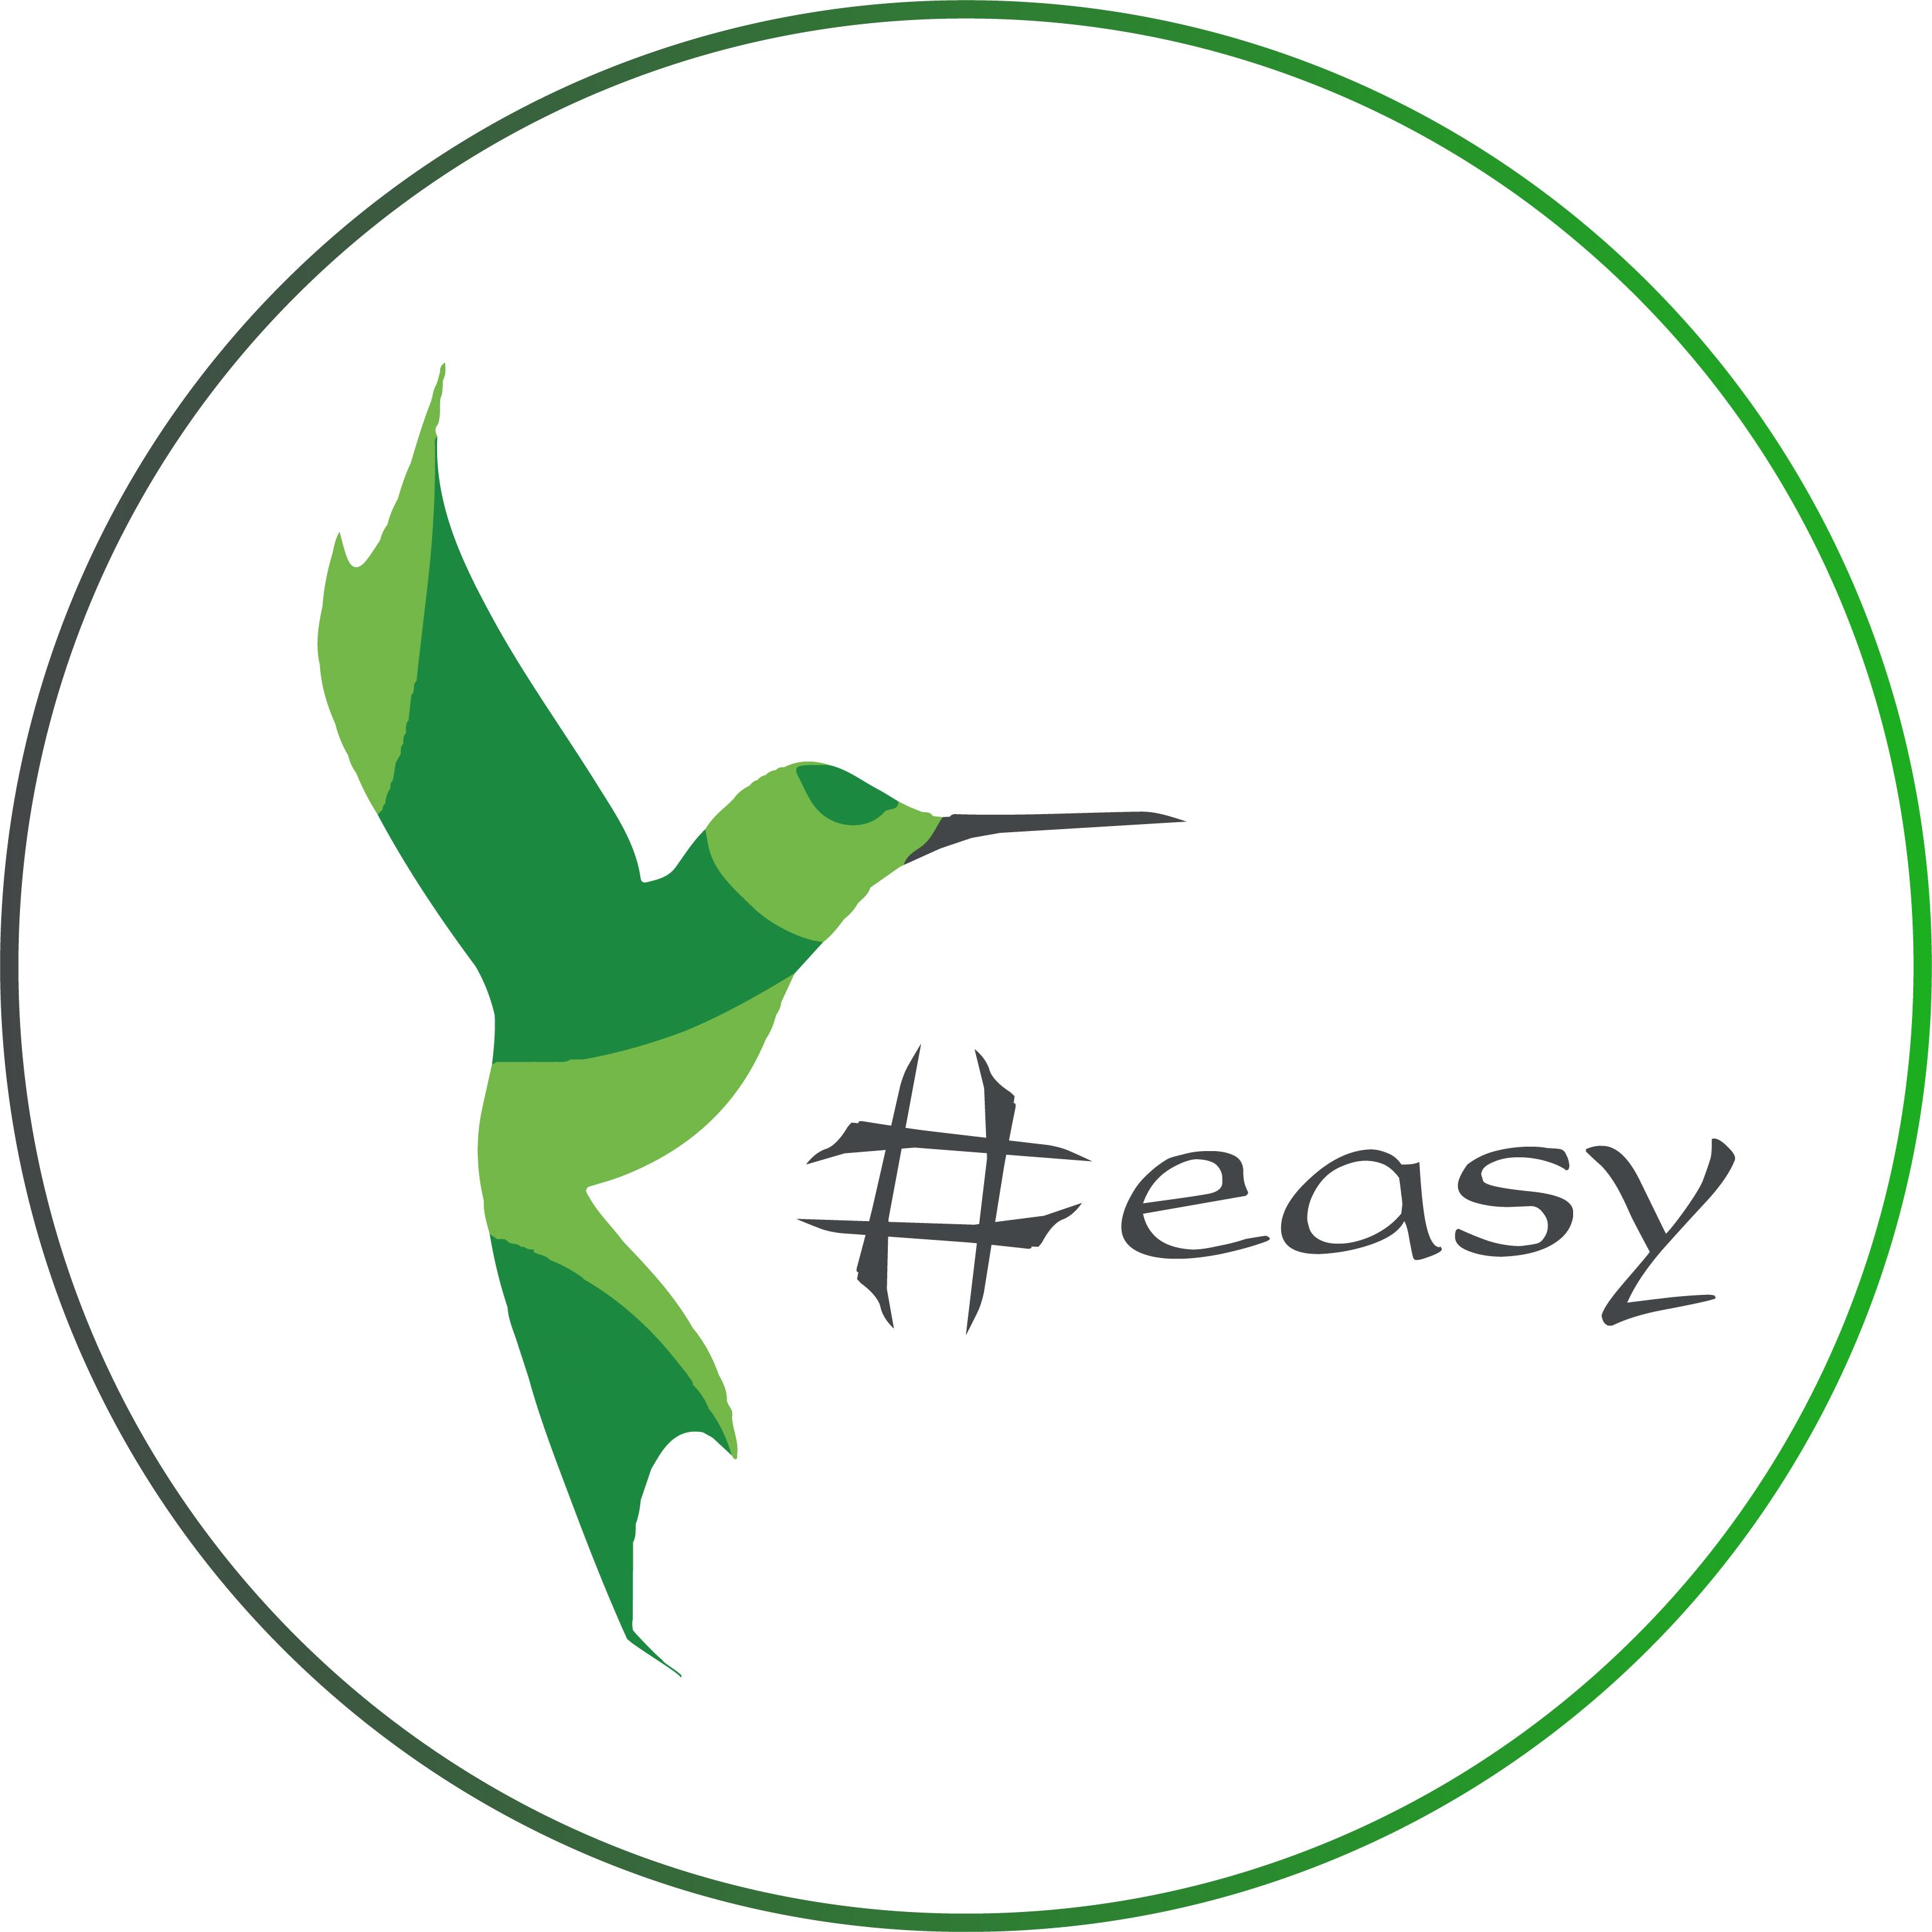 Разработка логотипа в виде хэштега #easy с зеленой колибри  фото f_5685d50394759f48.jpg